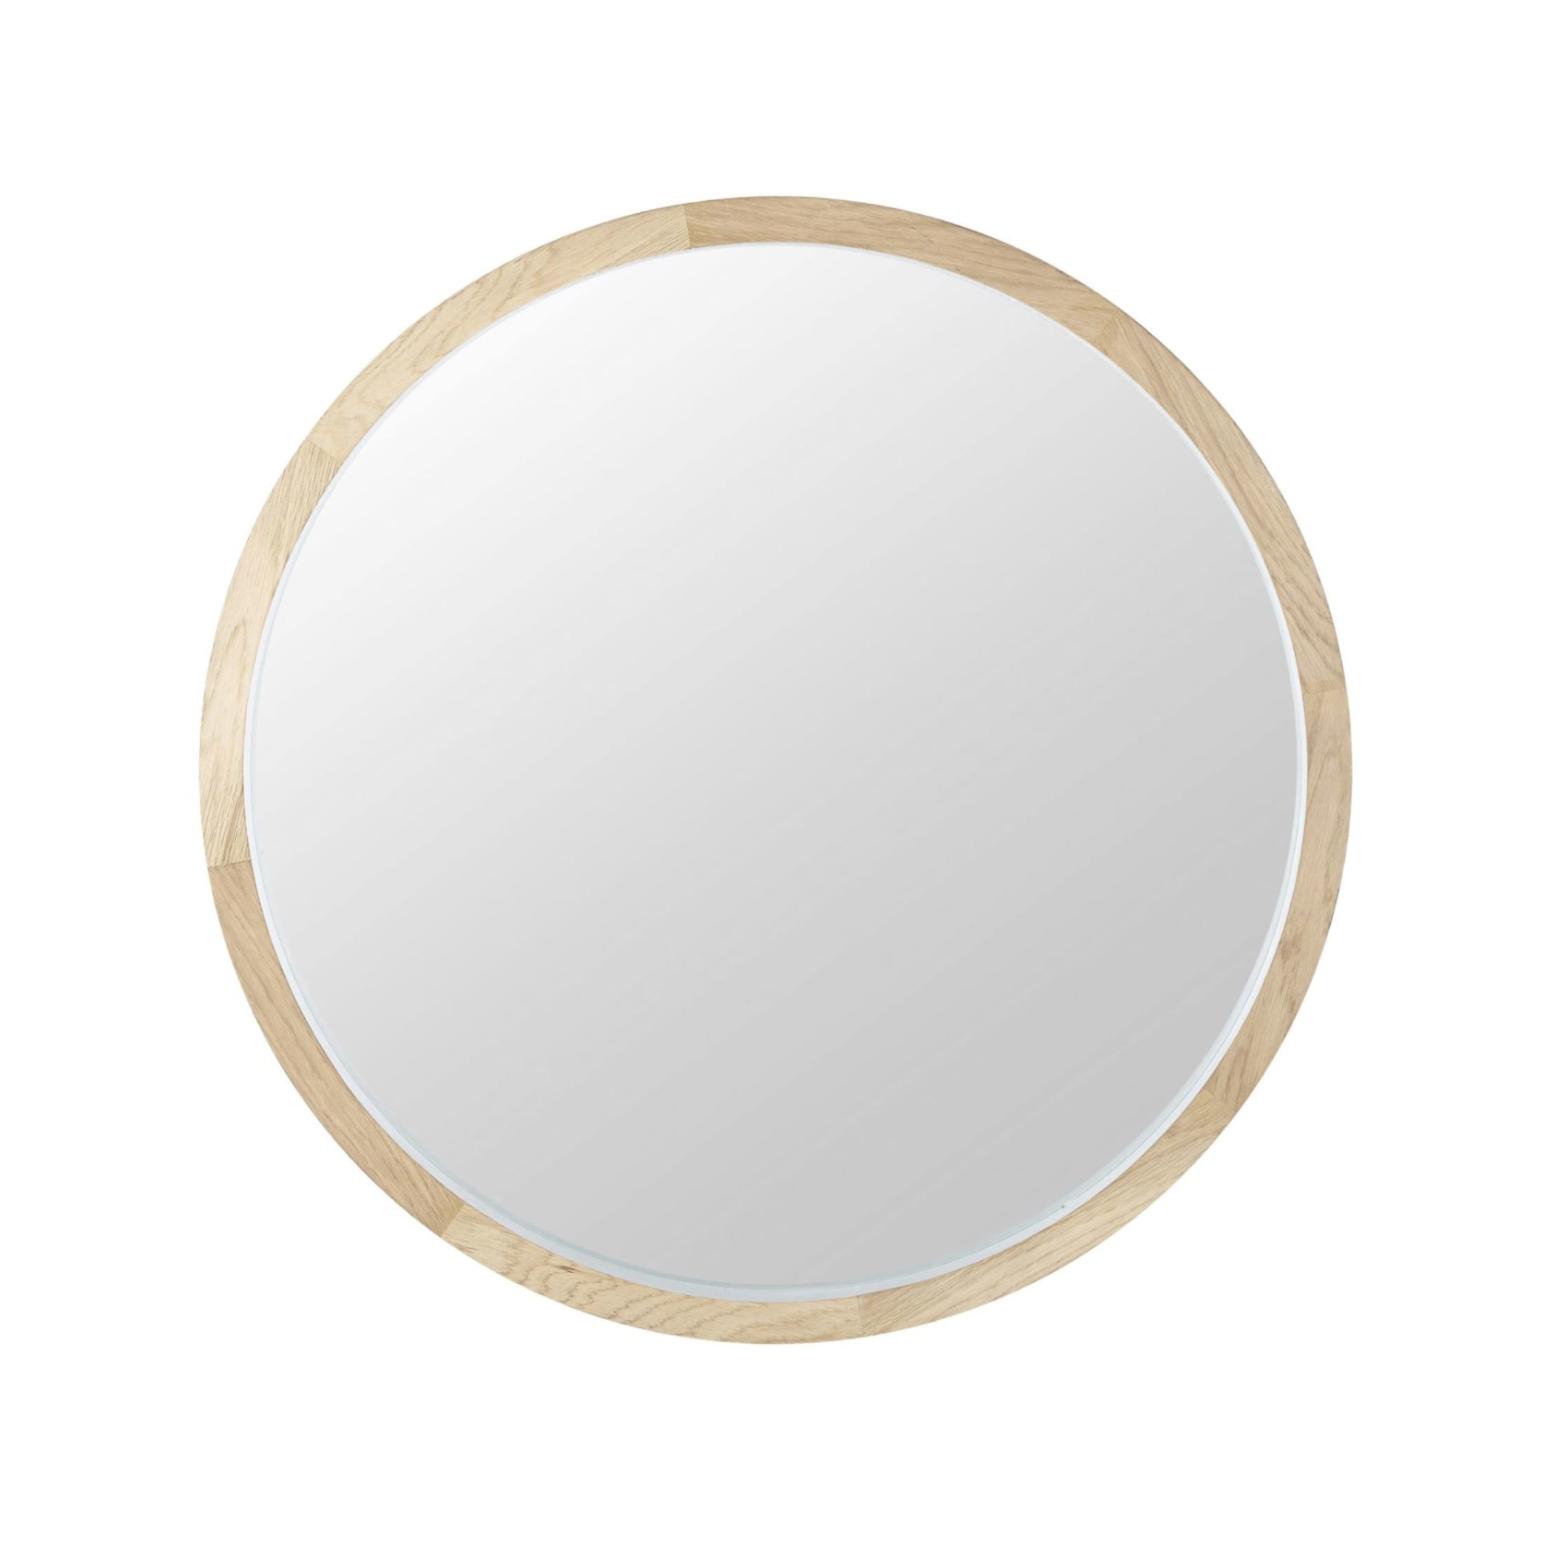 Shop_round wooden fram mirror.jpg